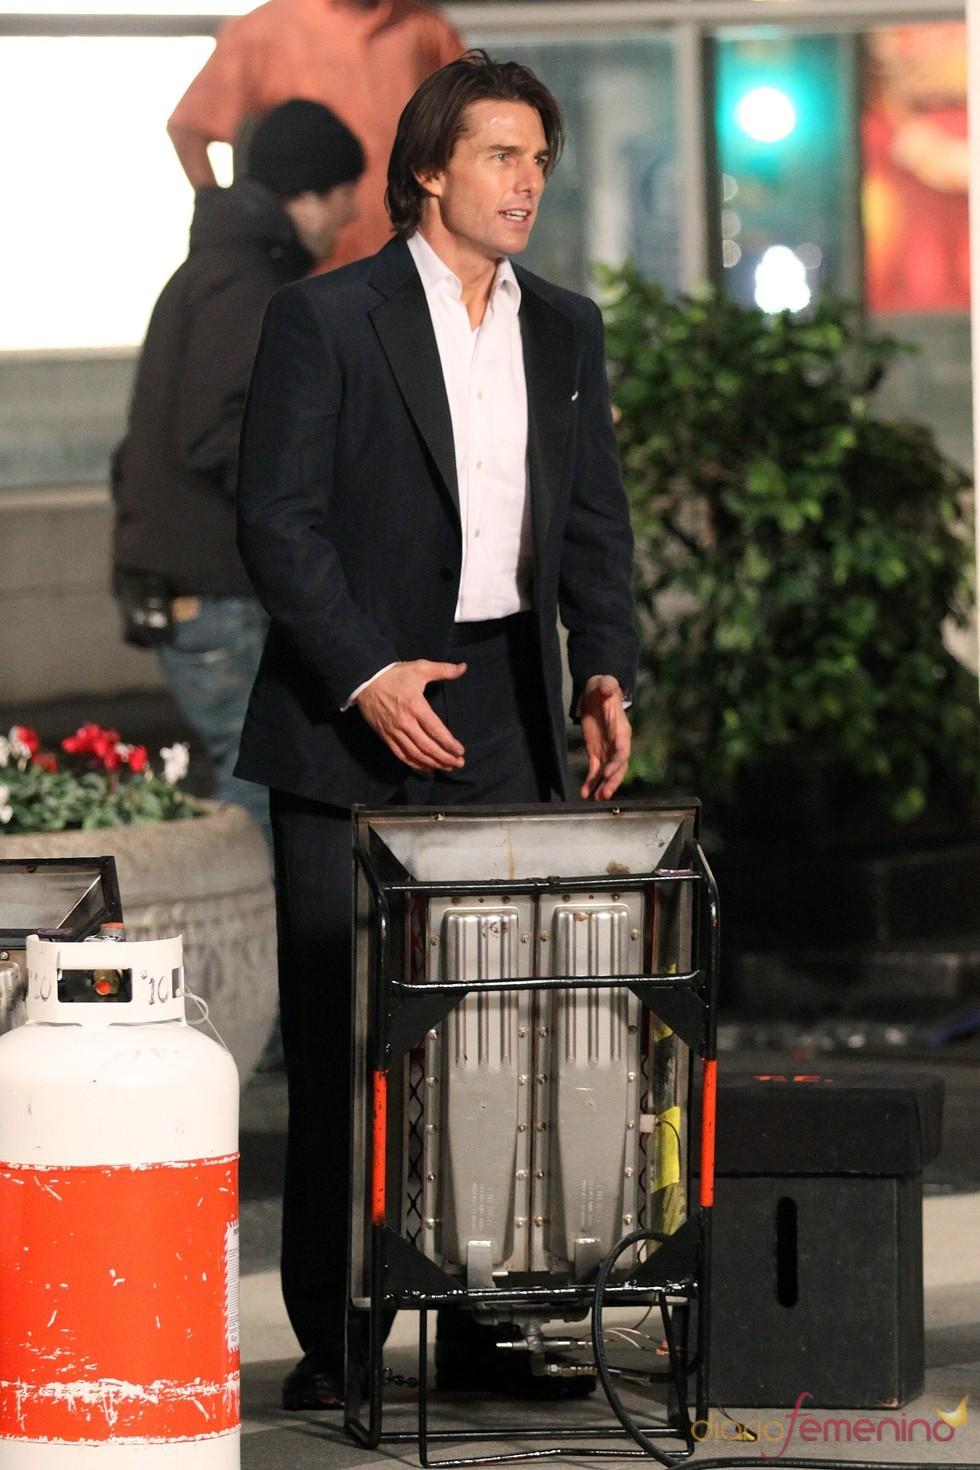 Tom Cruise se calienta las manos en un estufa durante el rodaje de 'Misión Imposible 4'